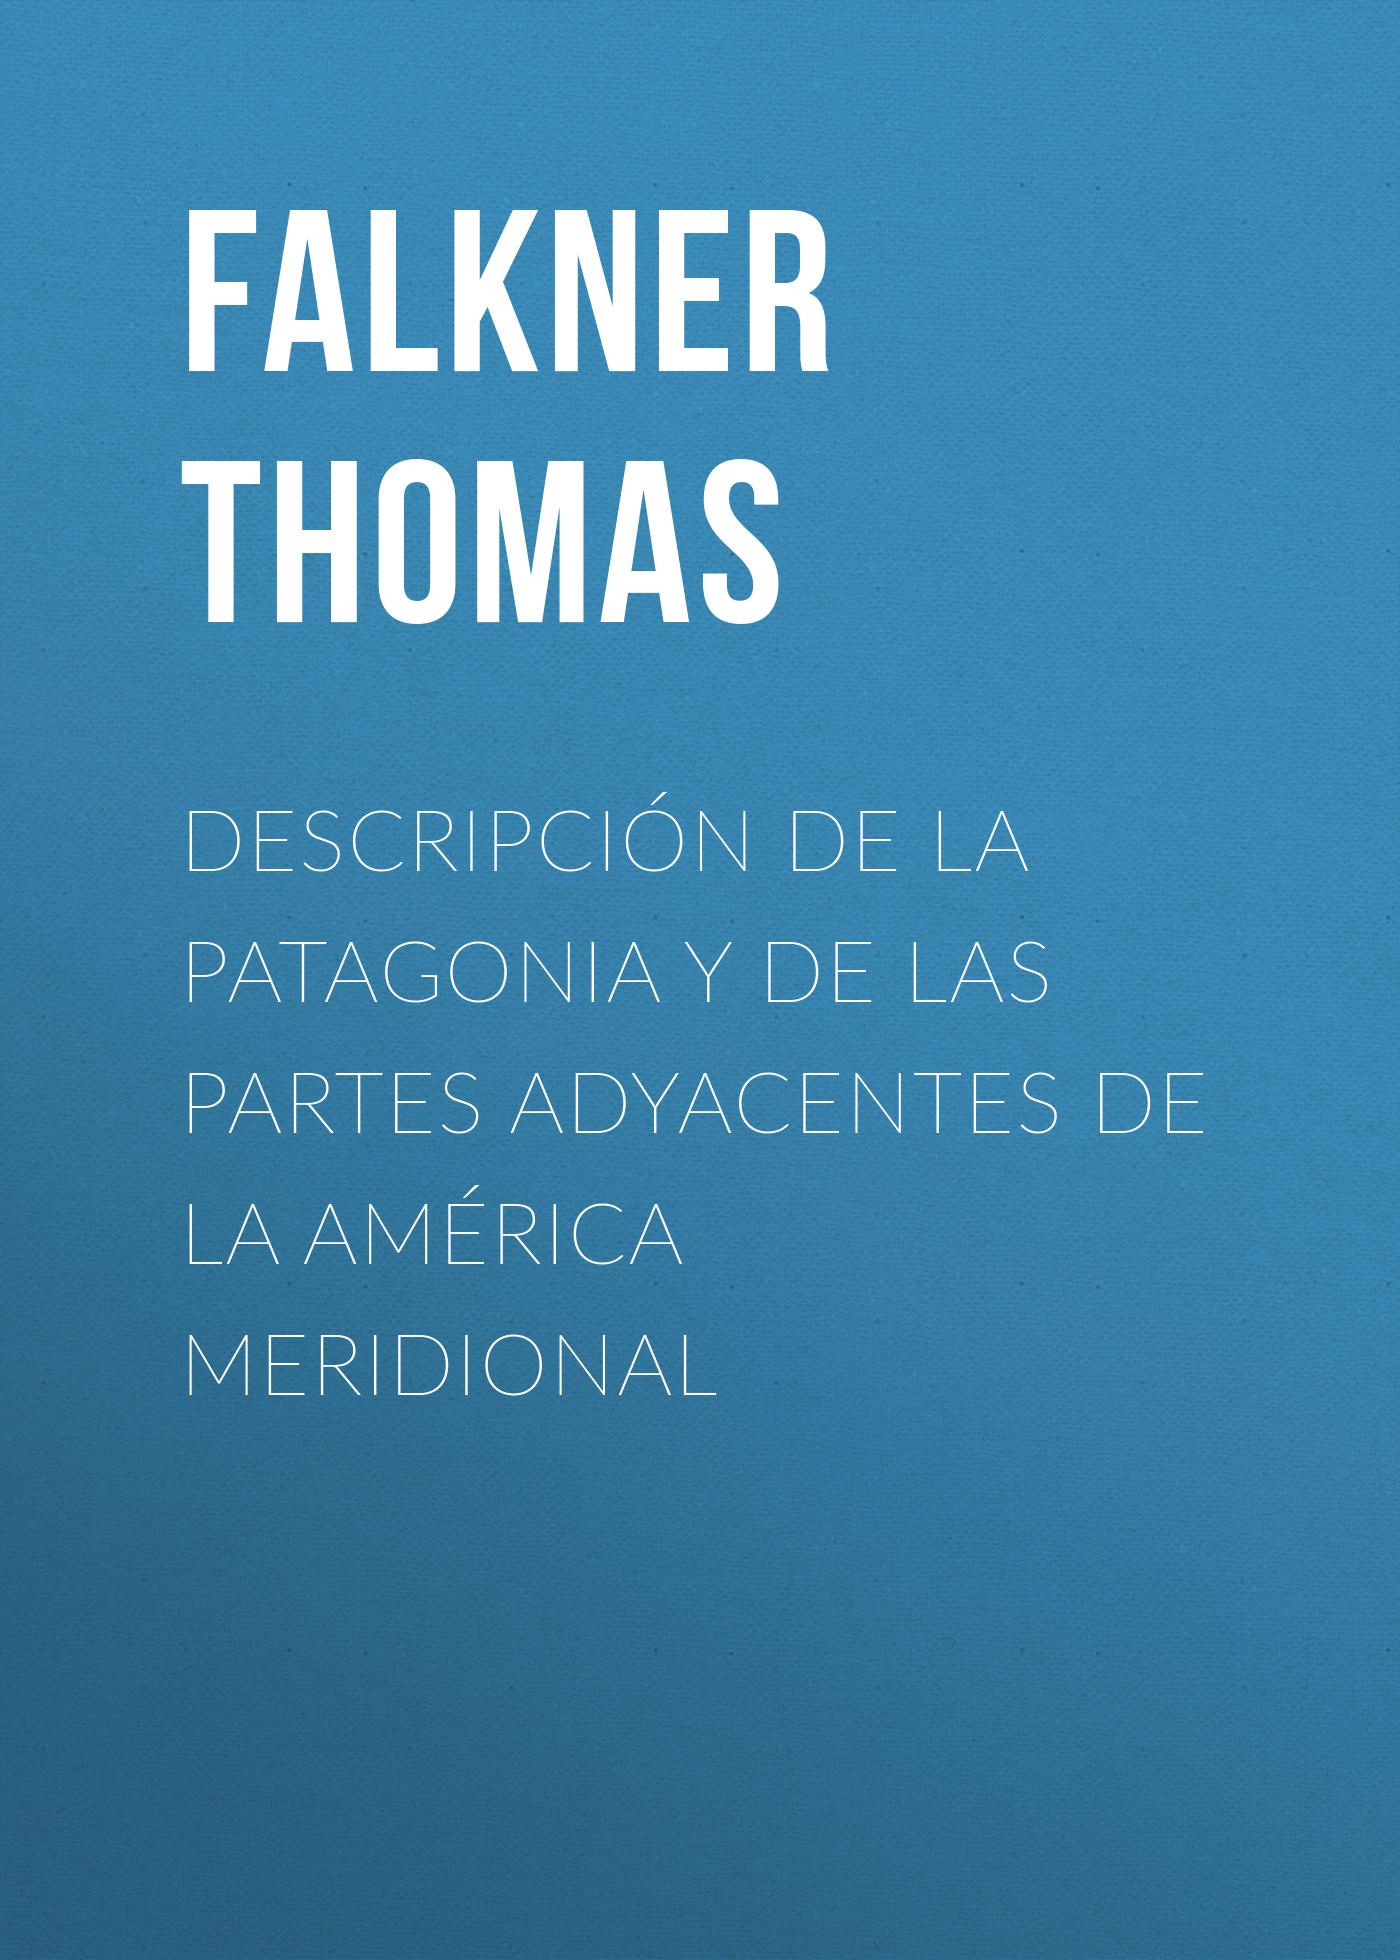 Falkner Thomas Descripción de la Patagonia y de las Partes Adyacentes de la América Meridional las leyes de la medicina